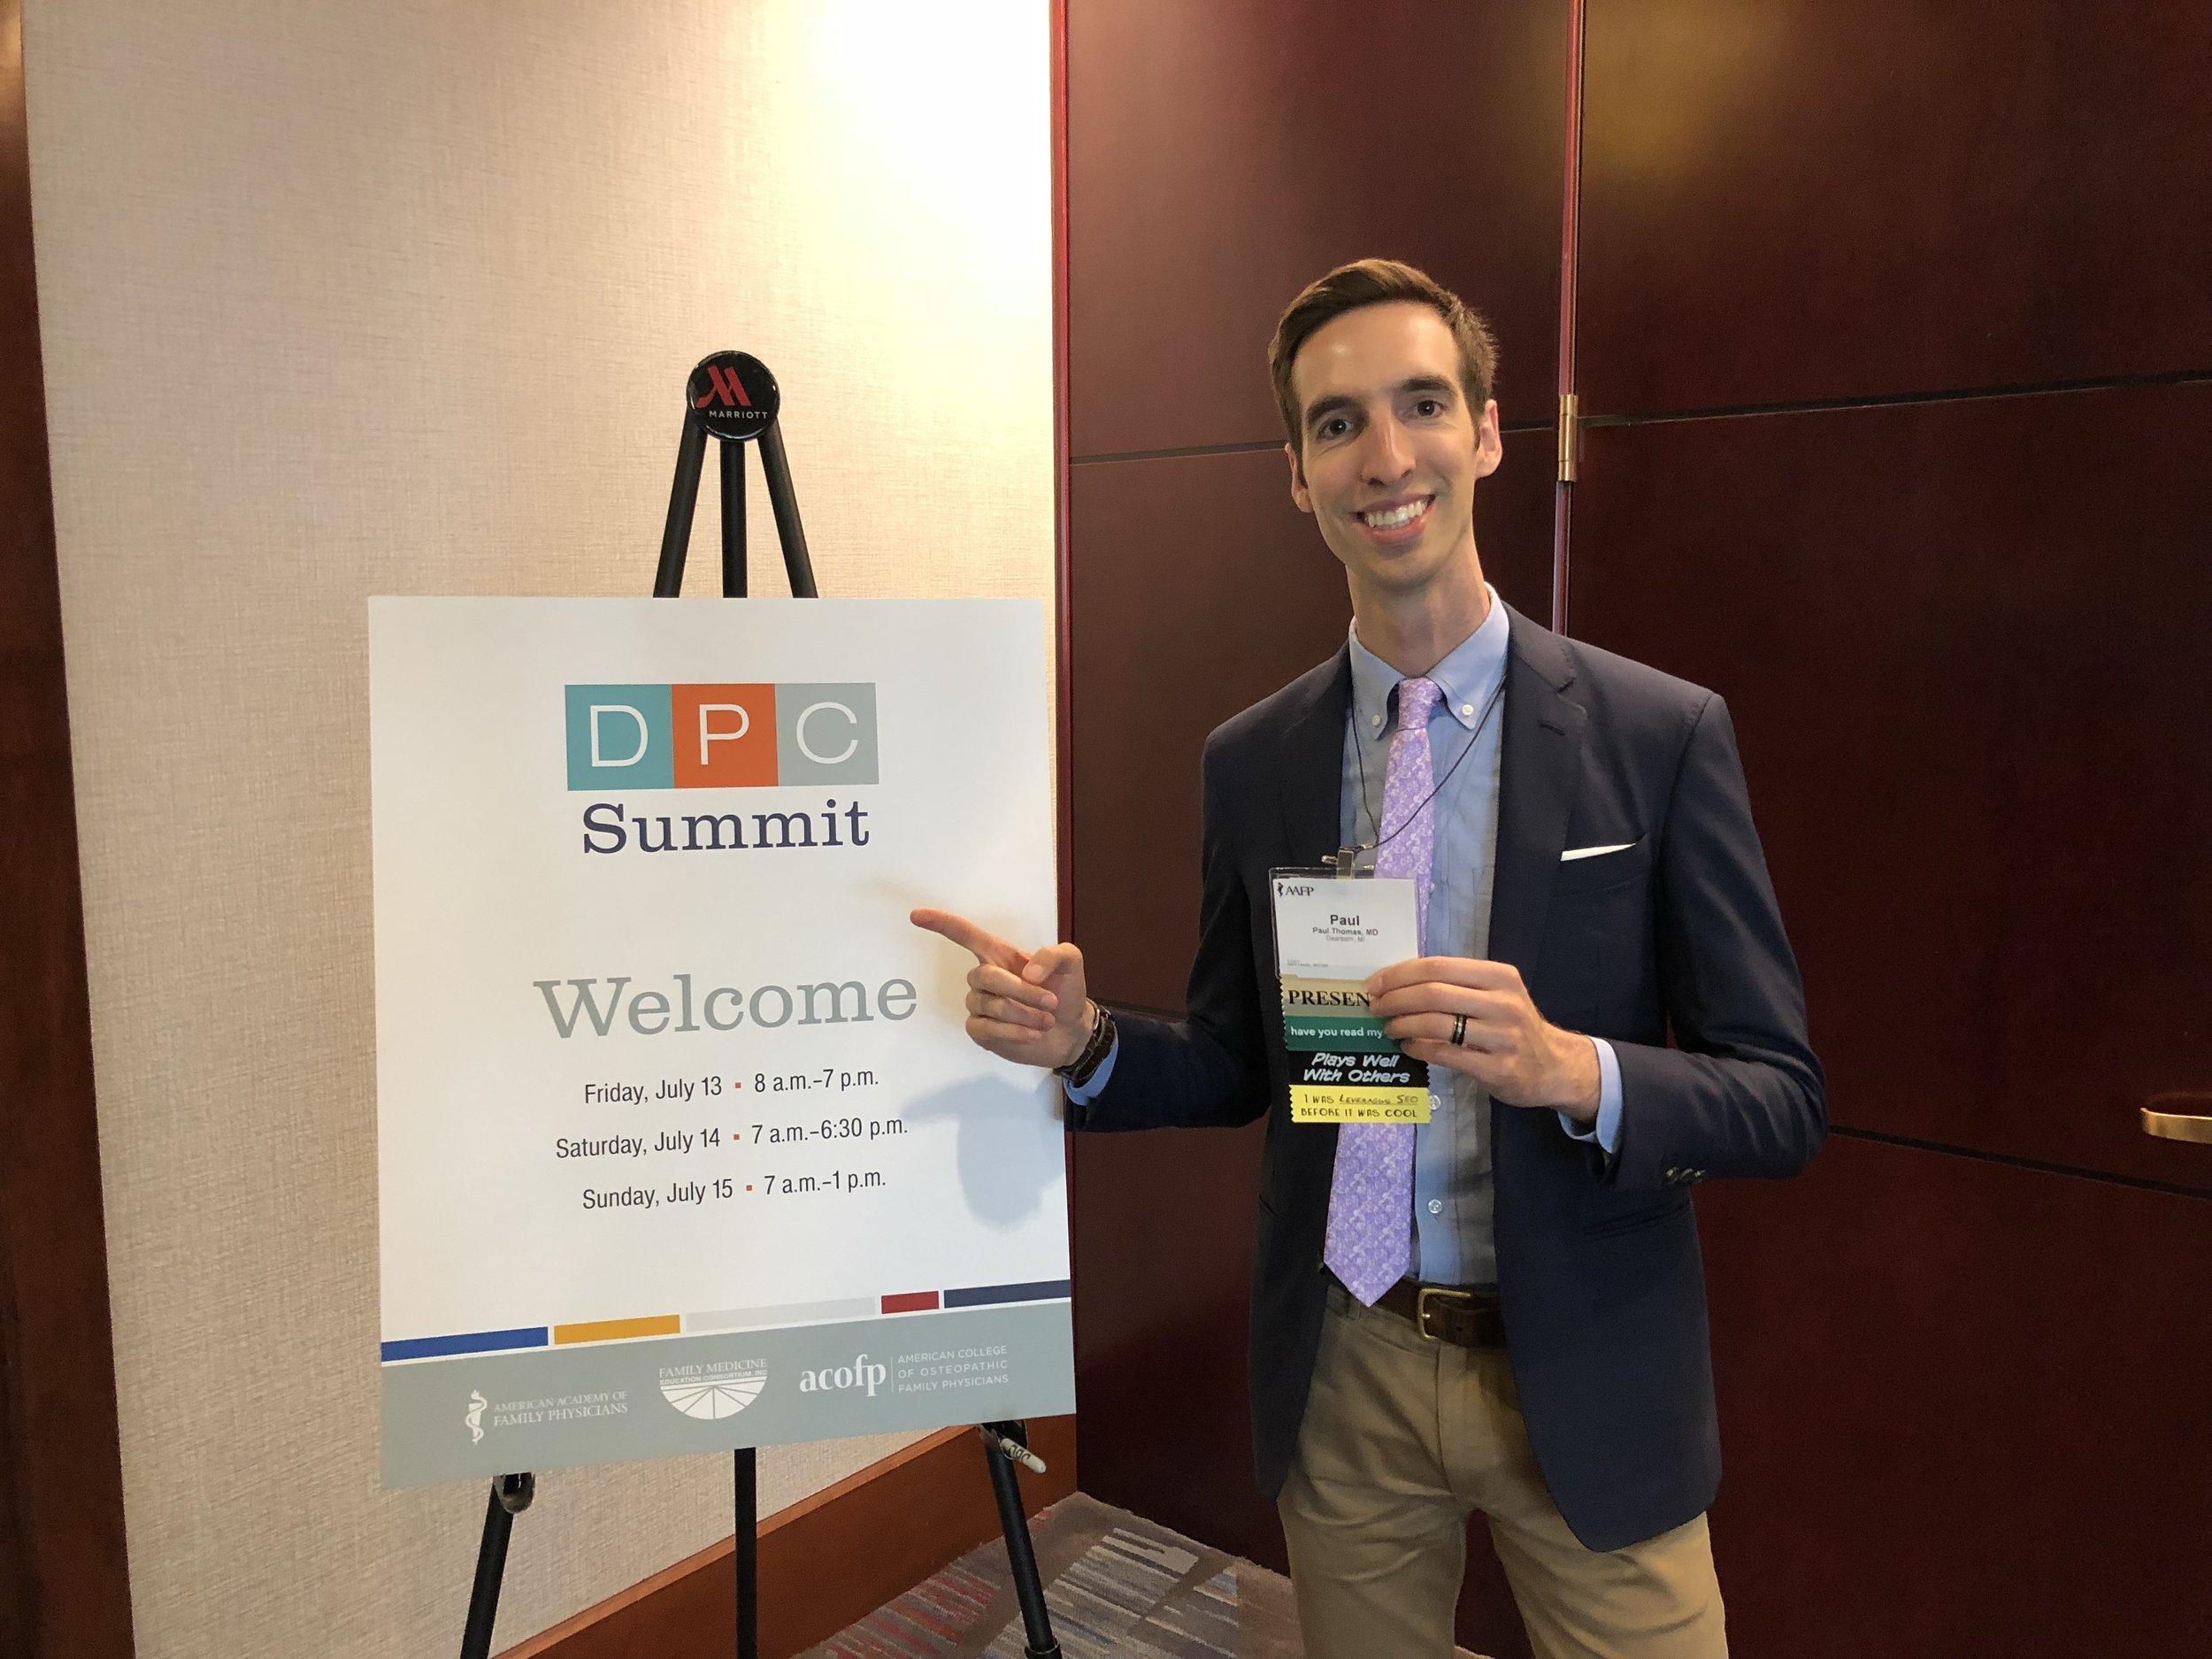 2018.07.15 AAFP DPC Summit 2018 DPC Hustles Harder with Dr. Paul Thomas on stage.jpg